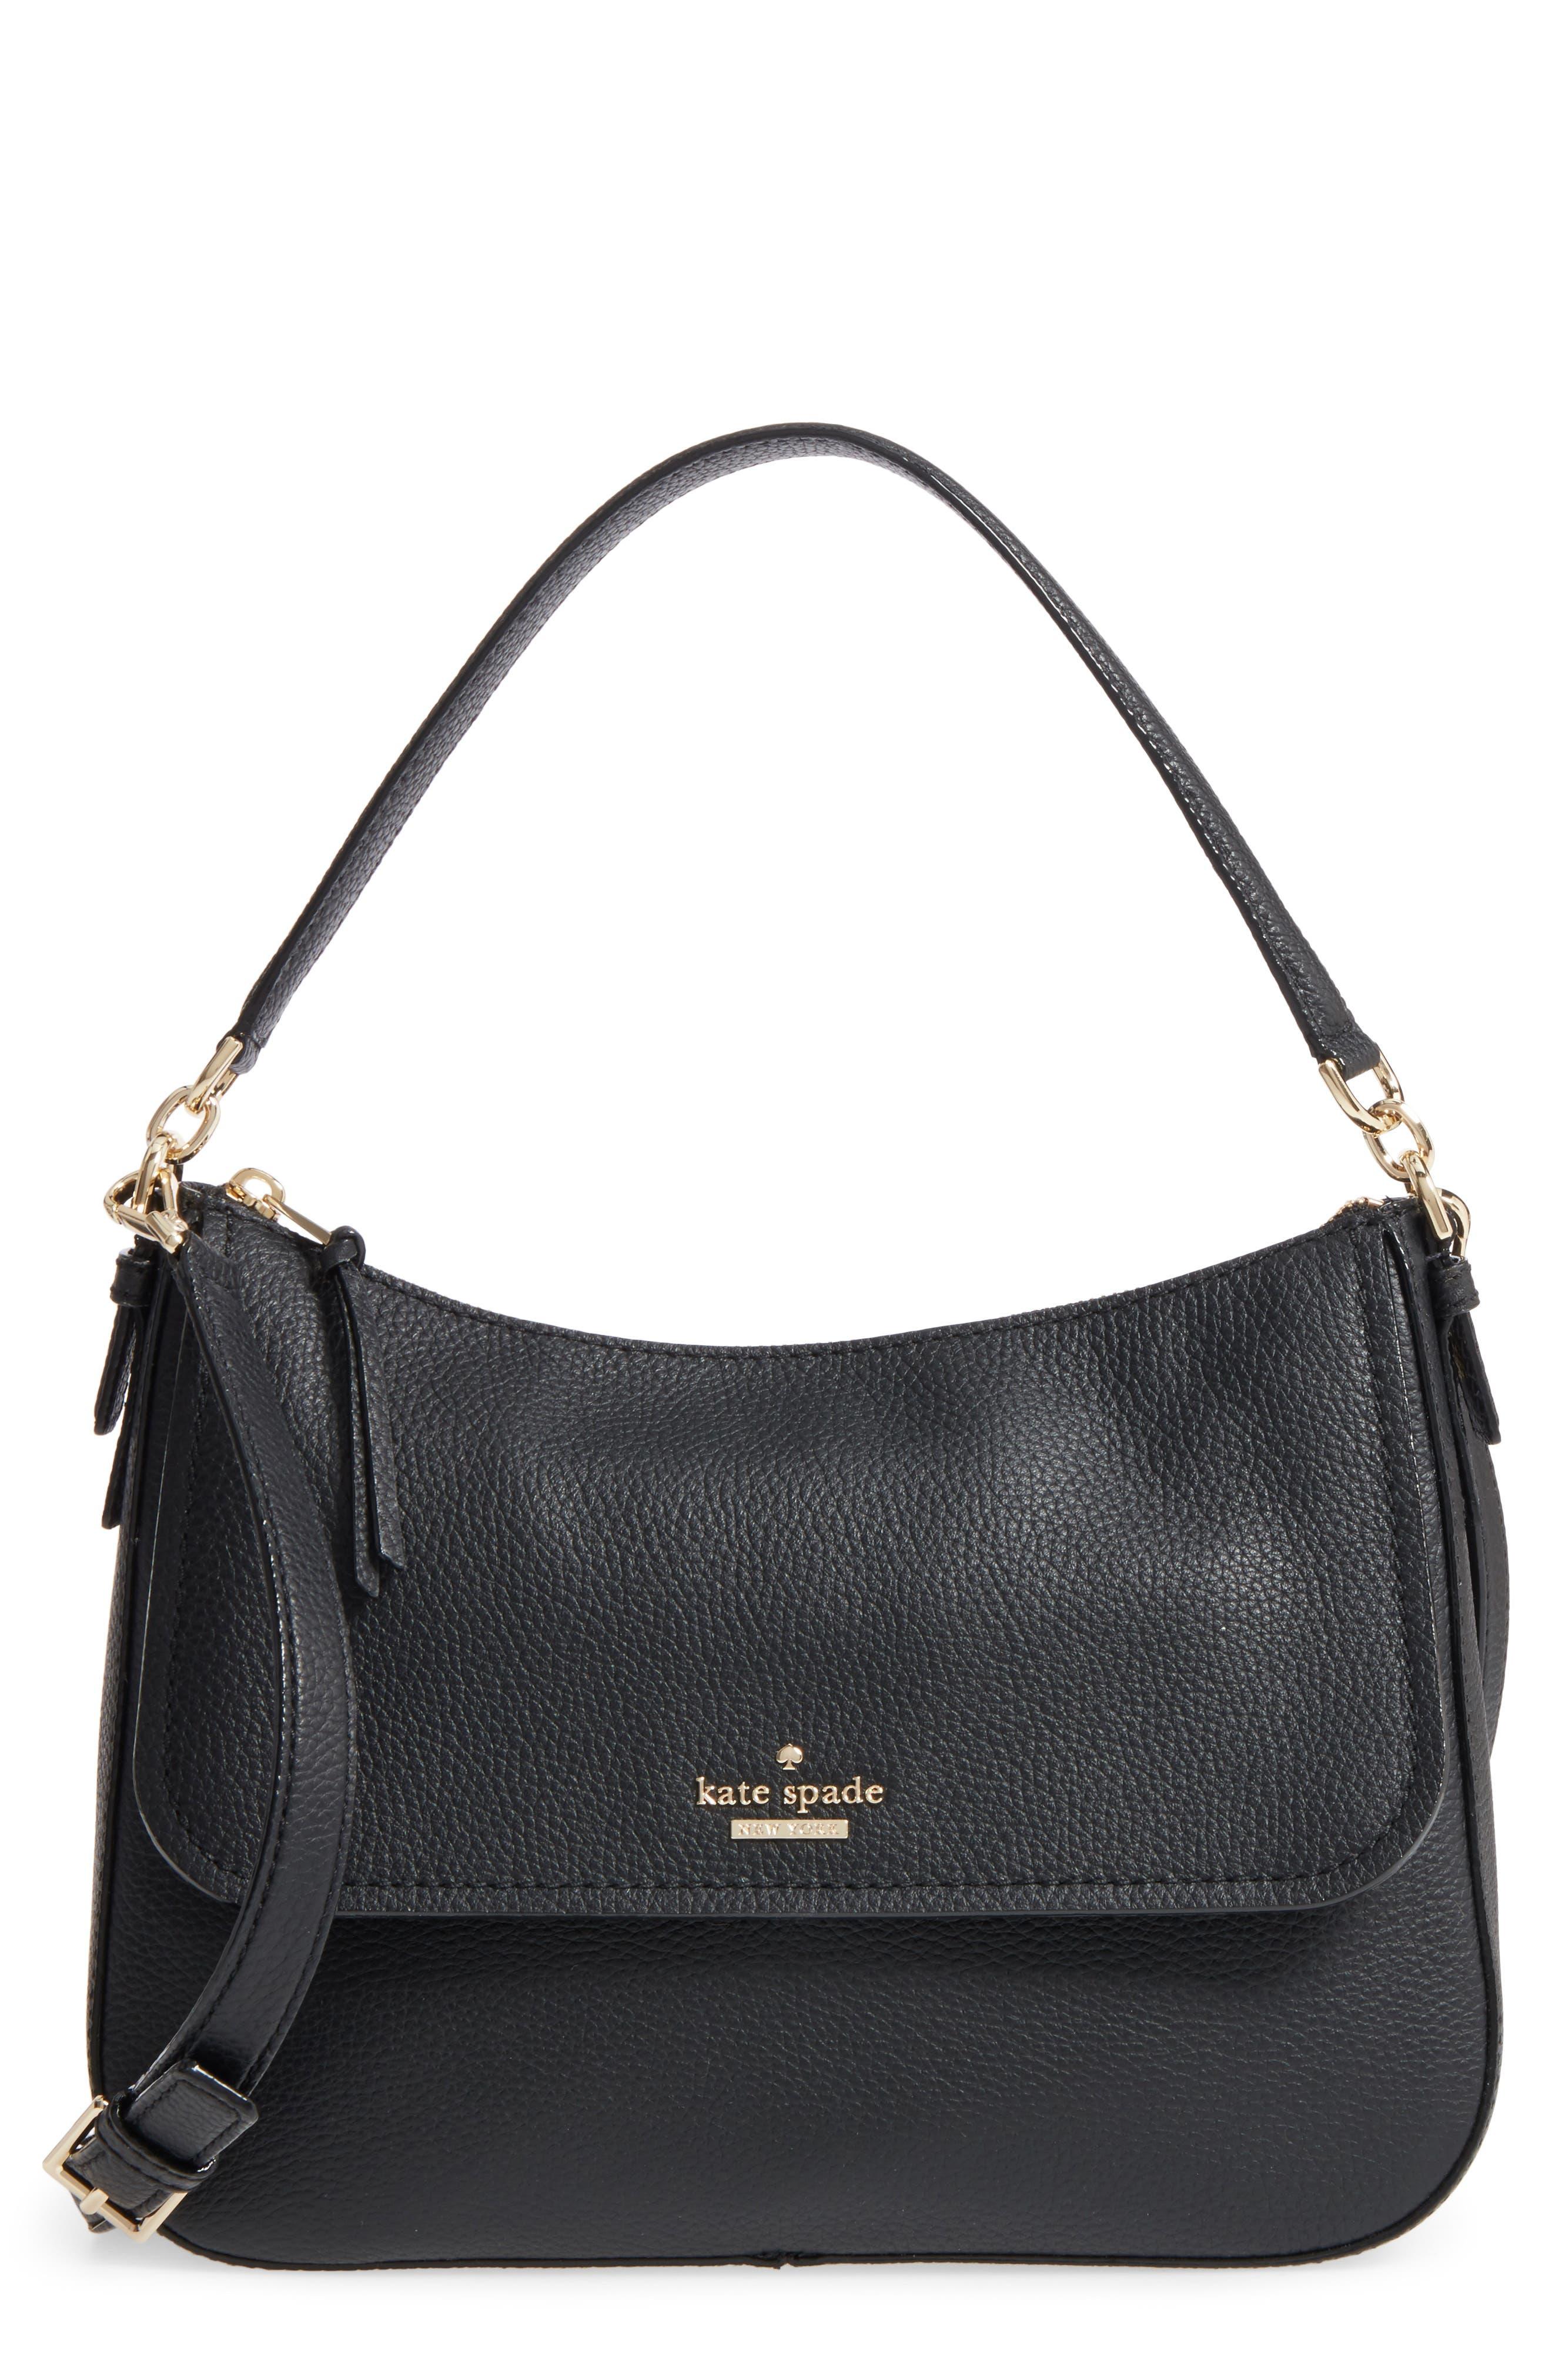 10372d136c0c Kate Spade New York Handbags   Purses